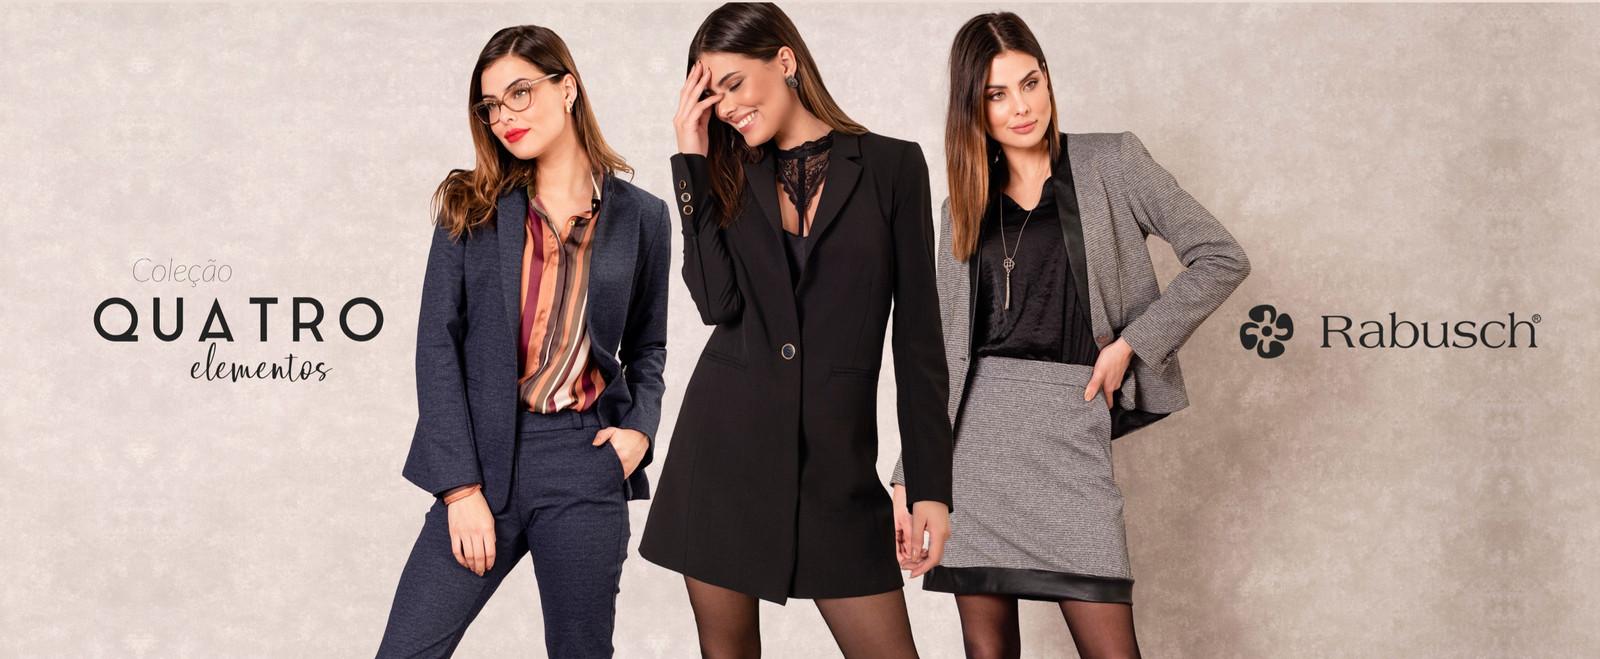 79230ac3a Moda Feminina | Rabusch | Brasil